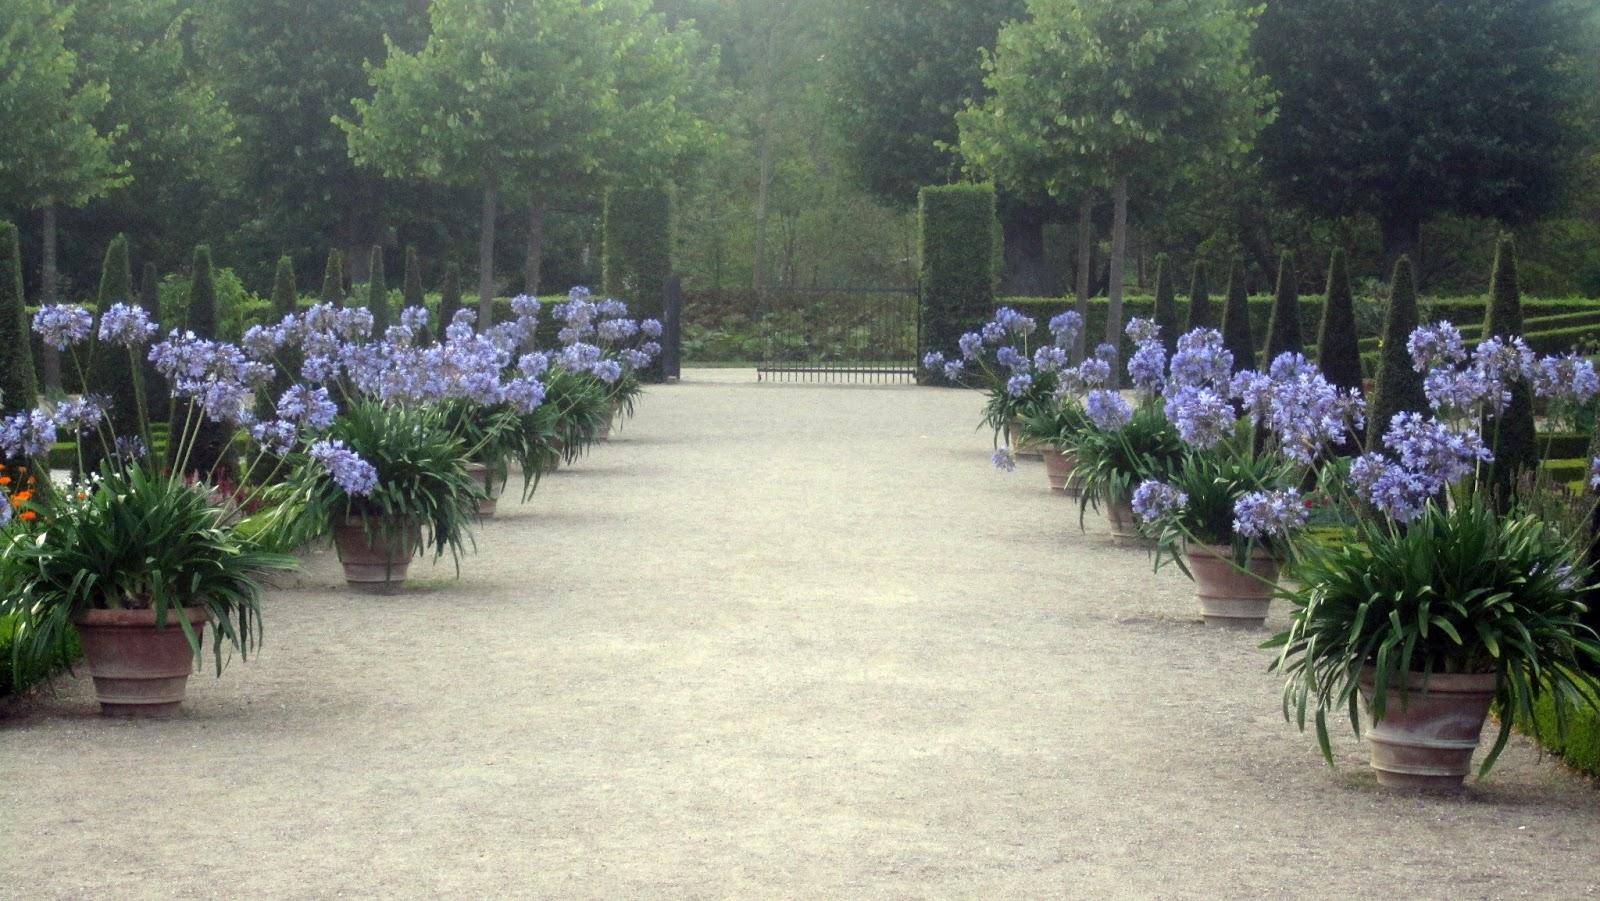 I vått och torrt trädgårdsdesign: en helt fantastisk slottsträdgård!!!